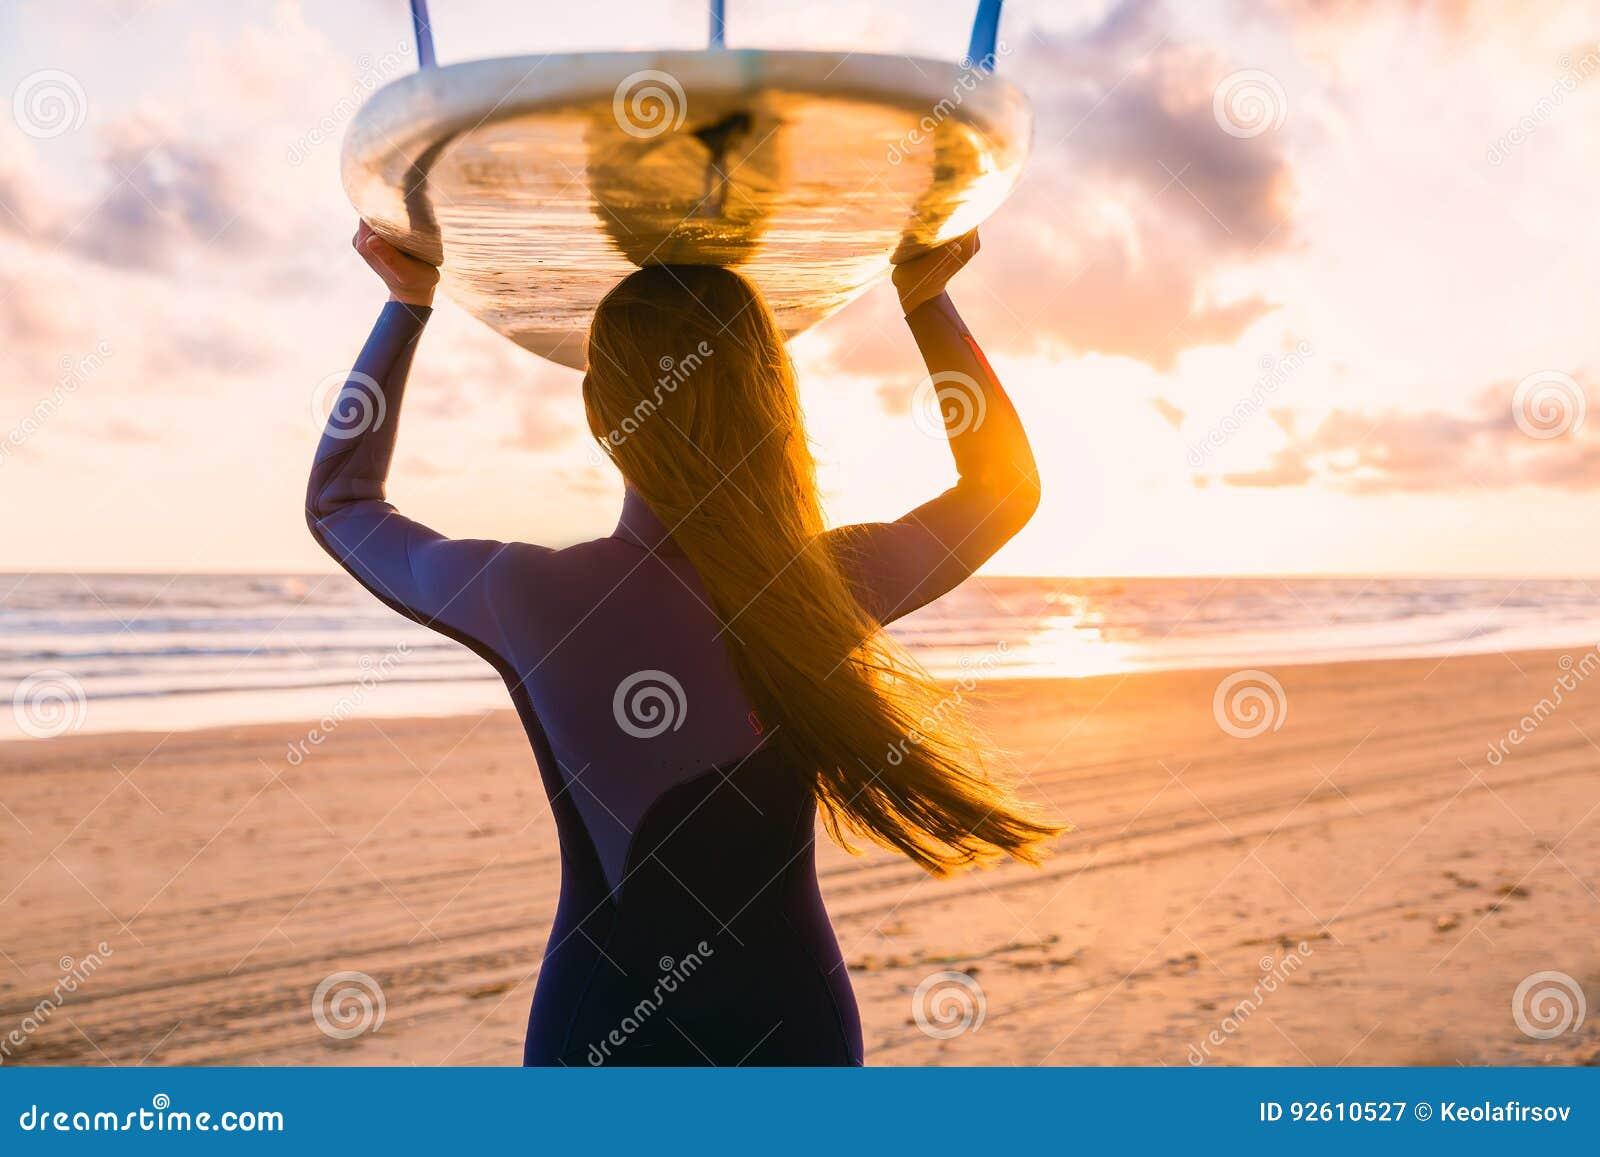 Το κορίτσι κυματωγών με μακρυμάλλη πηγαίνει στο σερφ Γυναίκα με την ιστιοσανίδα σε μια παραλία στο ηλιοβασίλεμα ή την ανατολή Sur